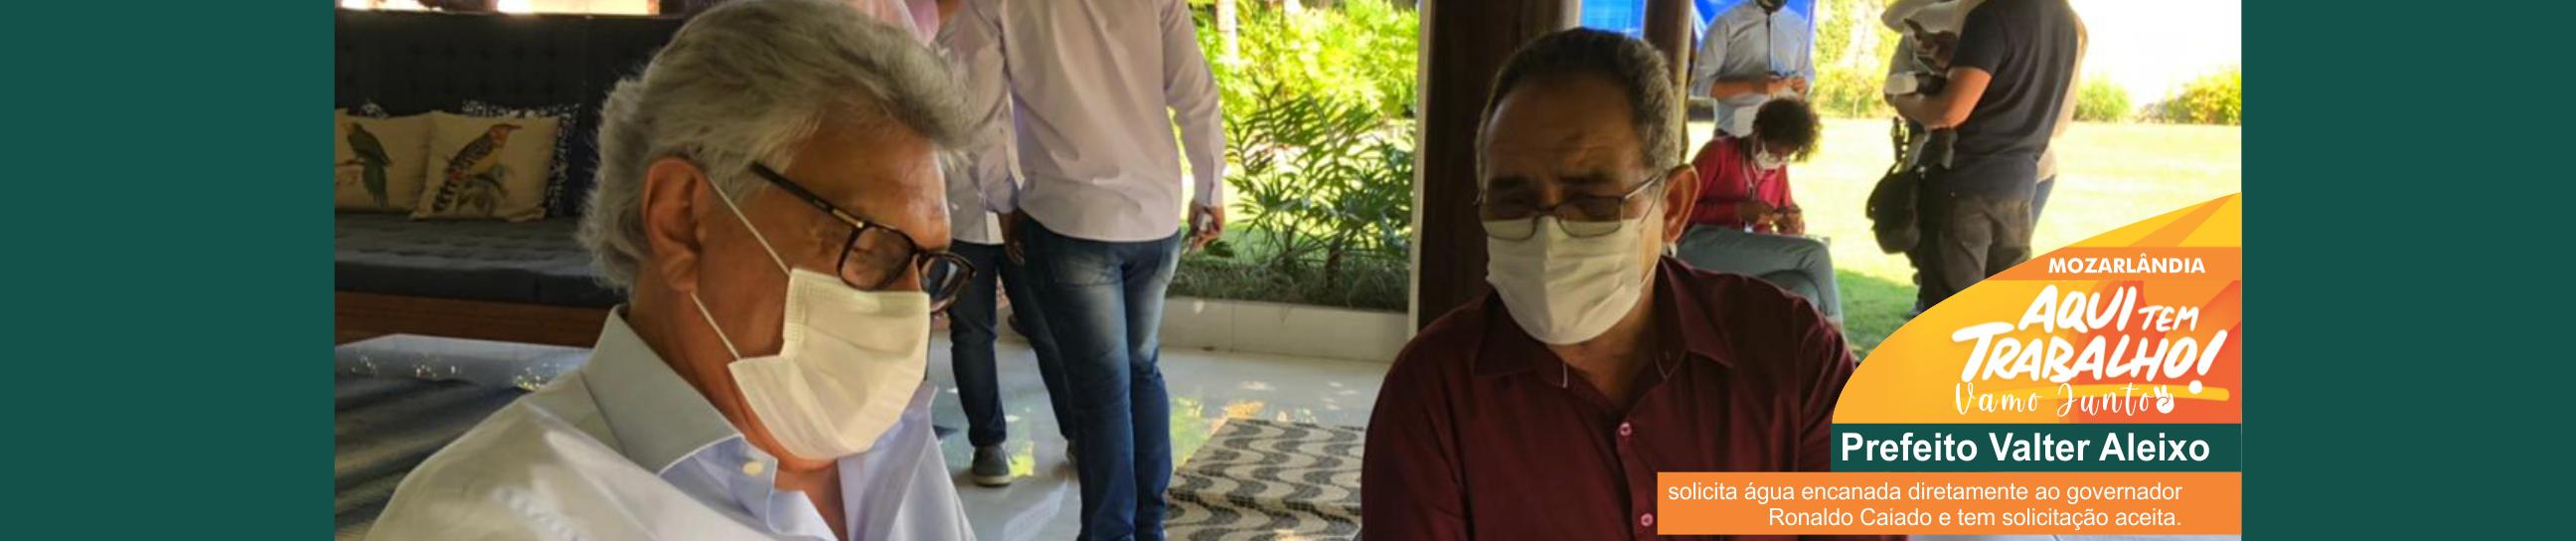 Prefeito Valter Aleixo solicita água encanada para o setor Jaçanã